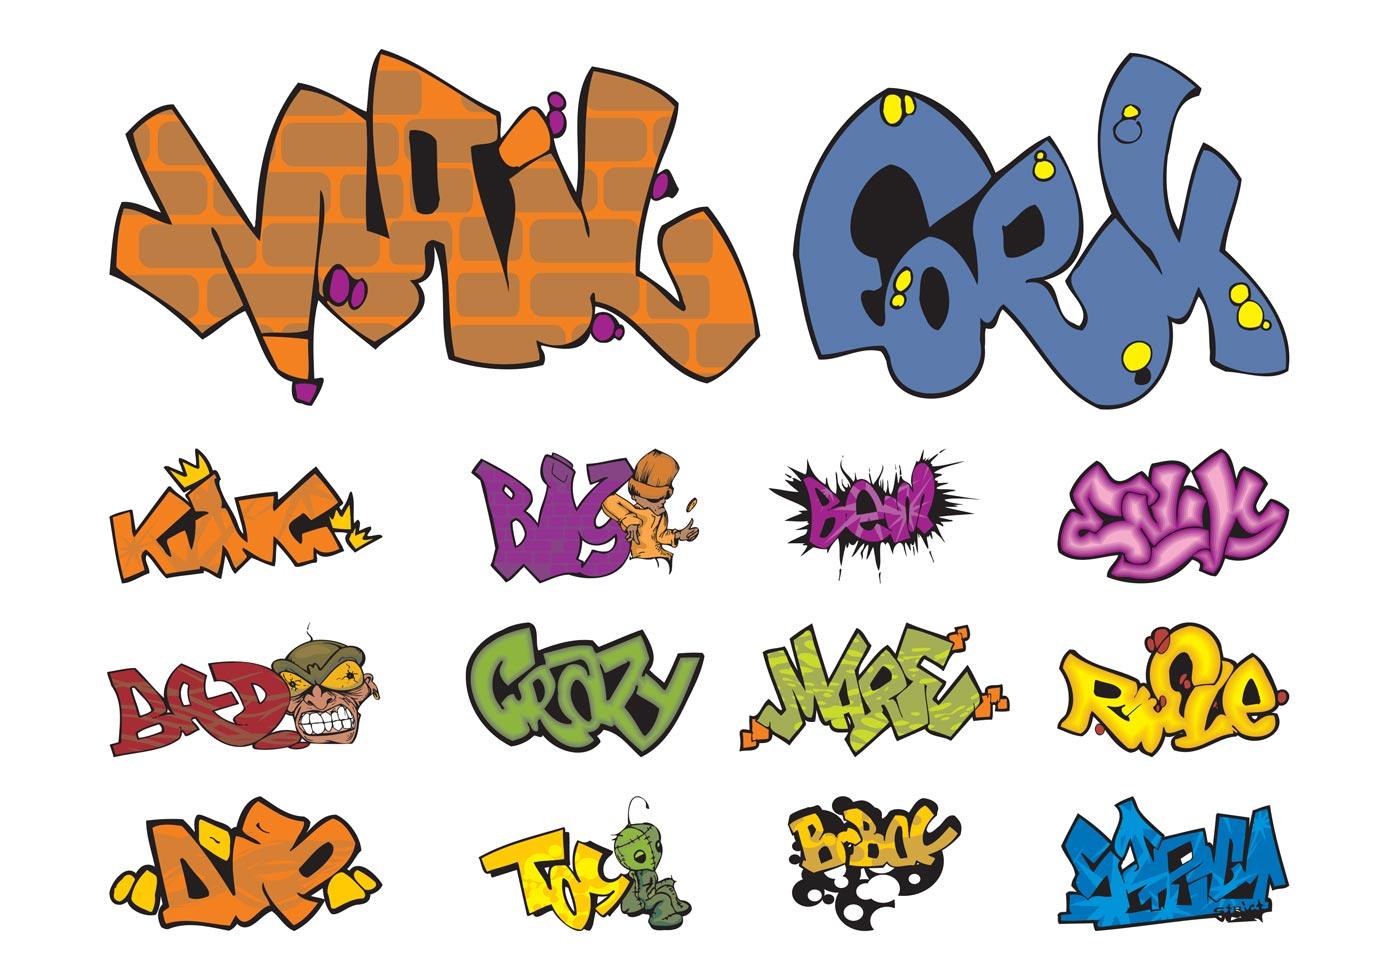 Graffiti Pieces Vectors Download Free Vector Art Stock Graphics Images